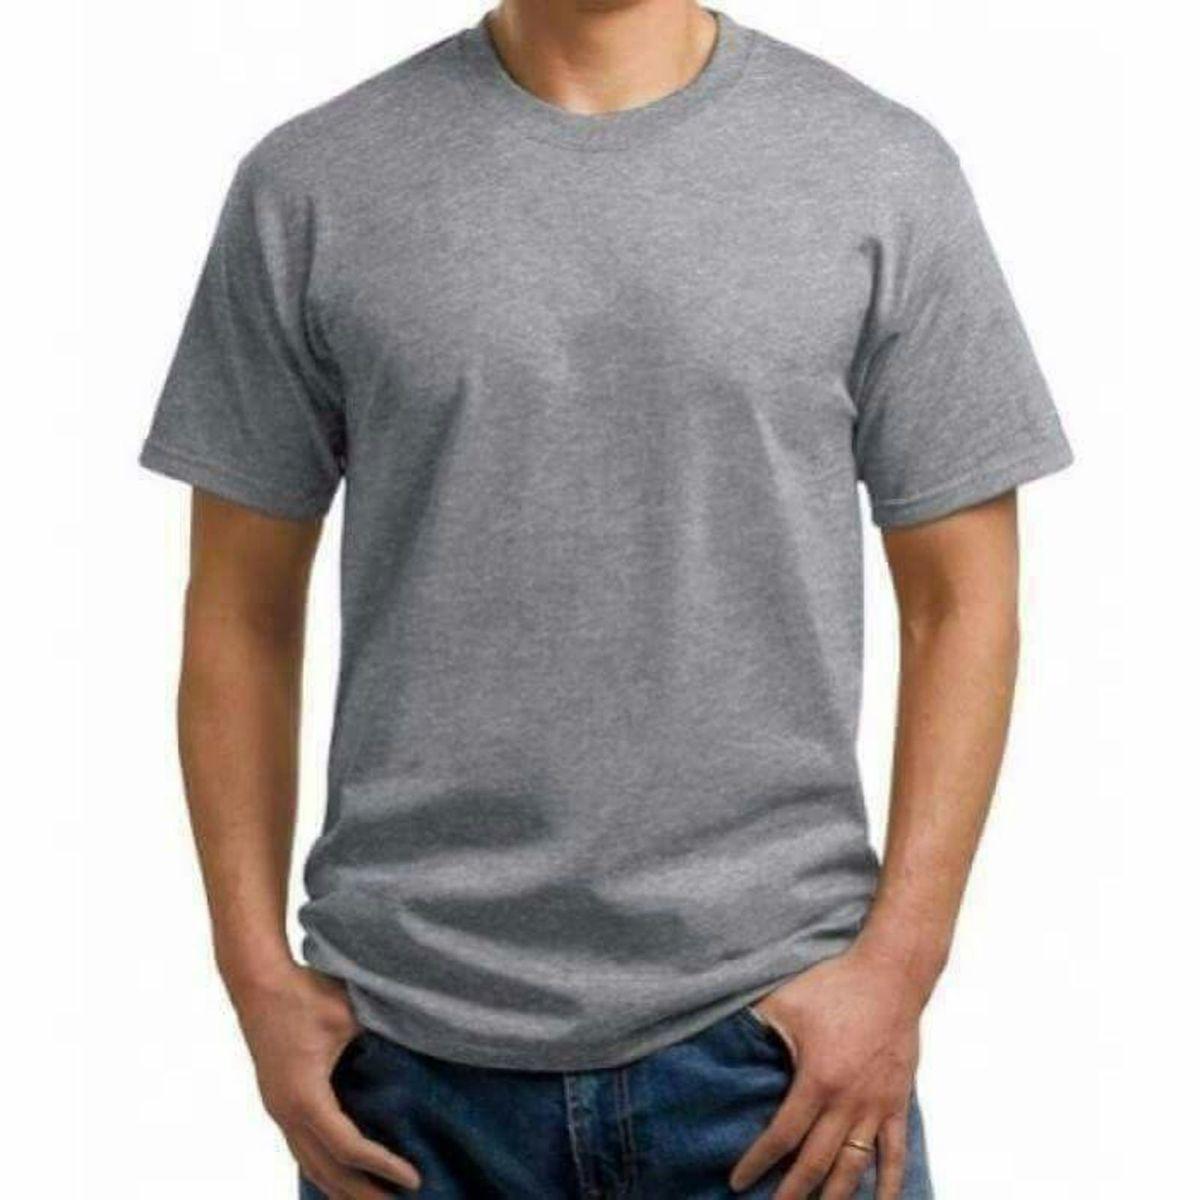 Camiseta 100%algodão Nova  b35cd8d44e3